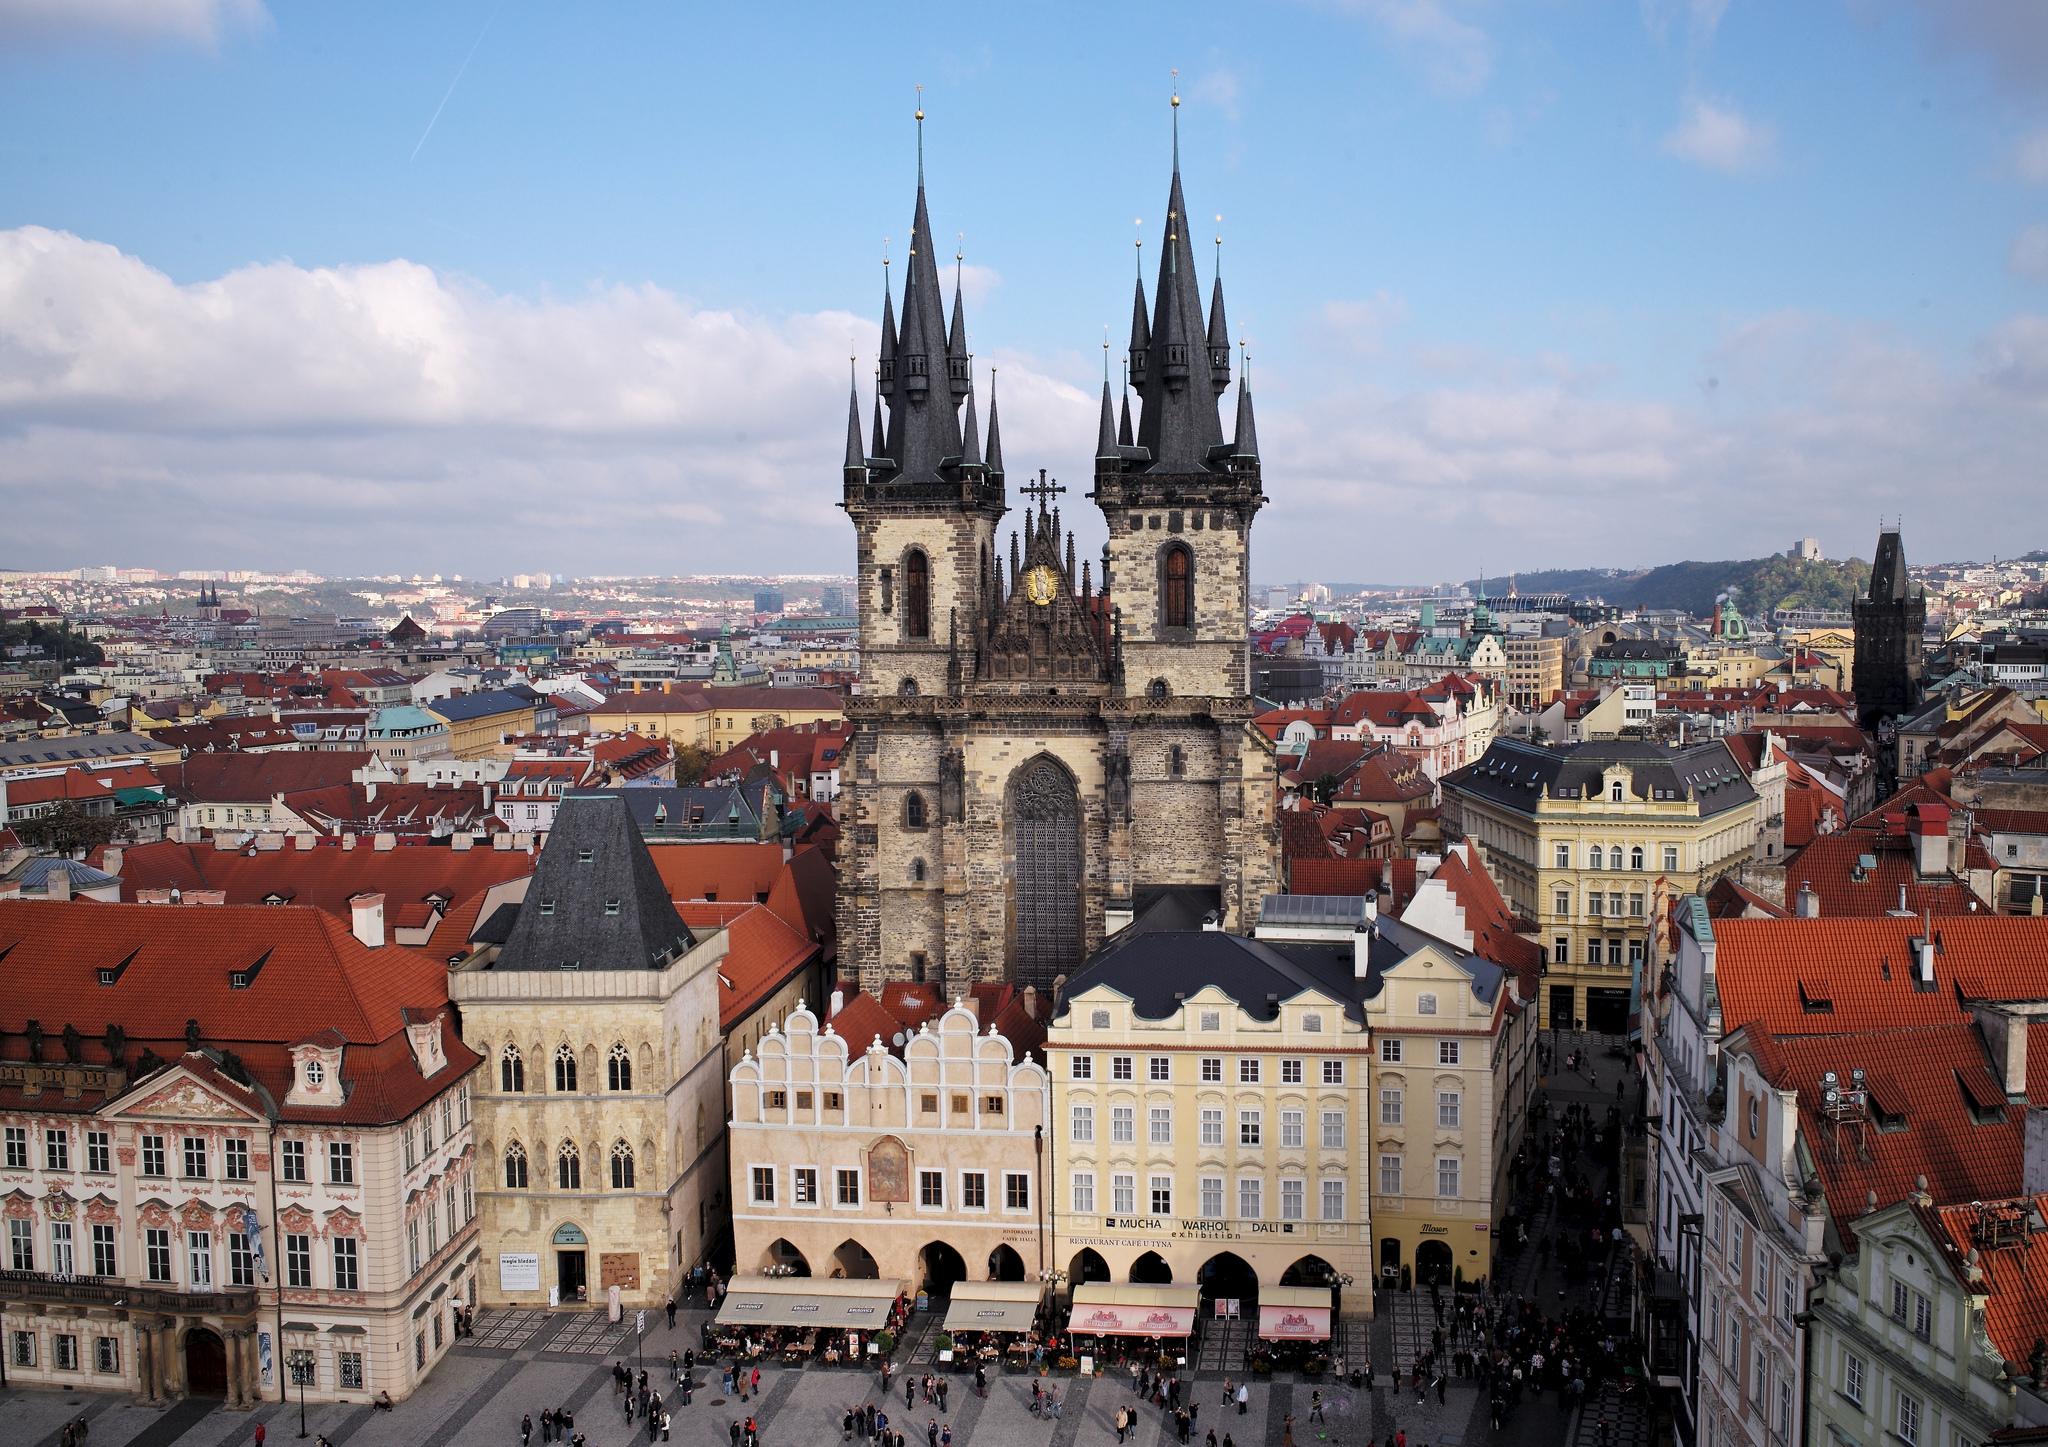 Biserica Sfintei Fecioare din Tyn - O călătorie arhitecturală prin Praga orașul celor 100 de clopotnițe